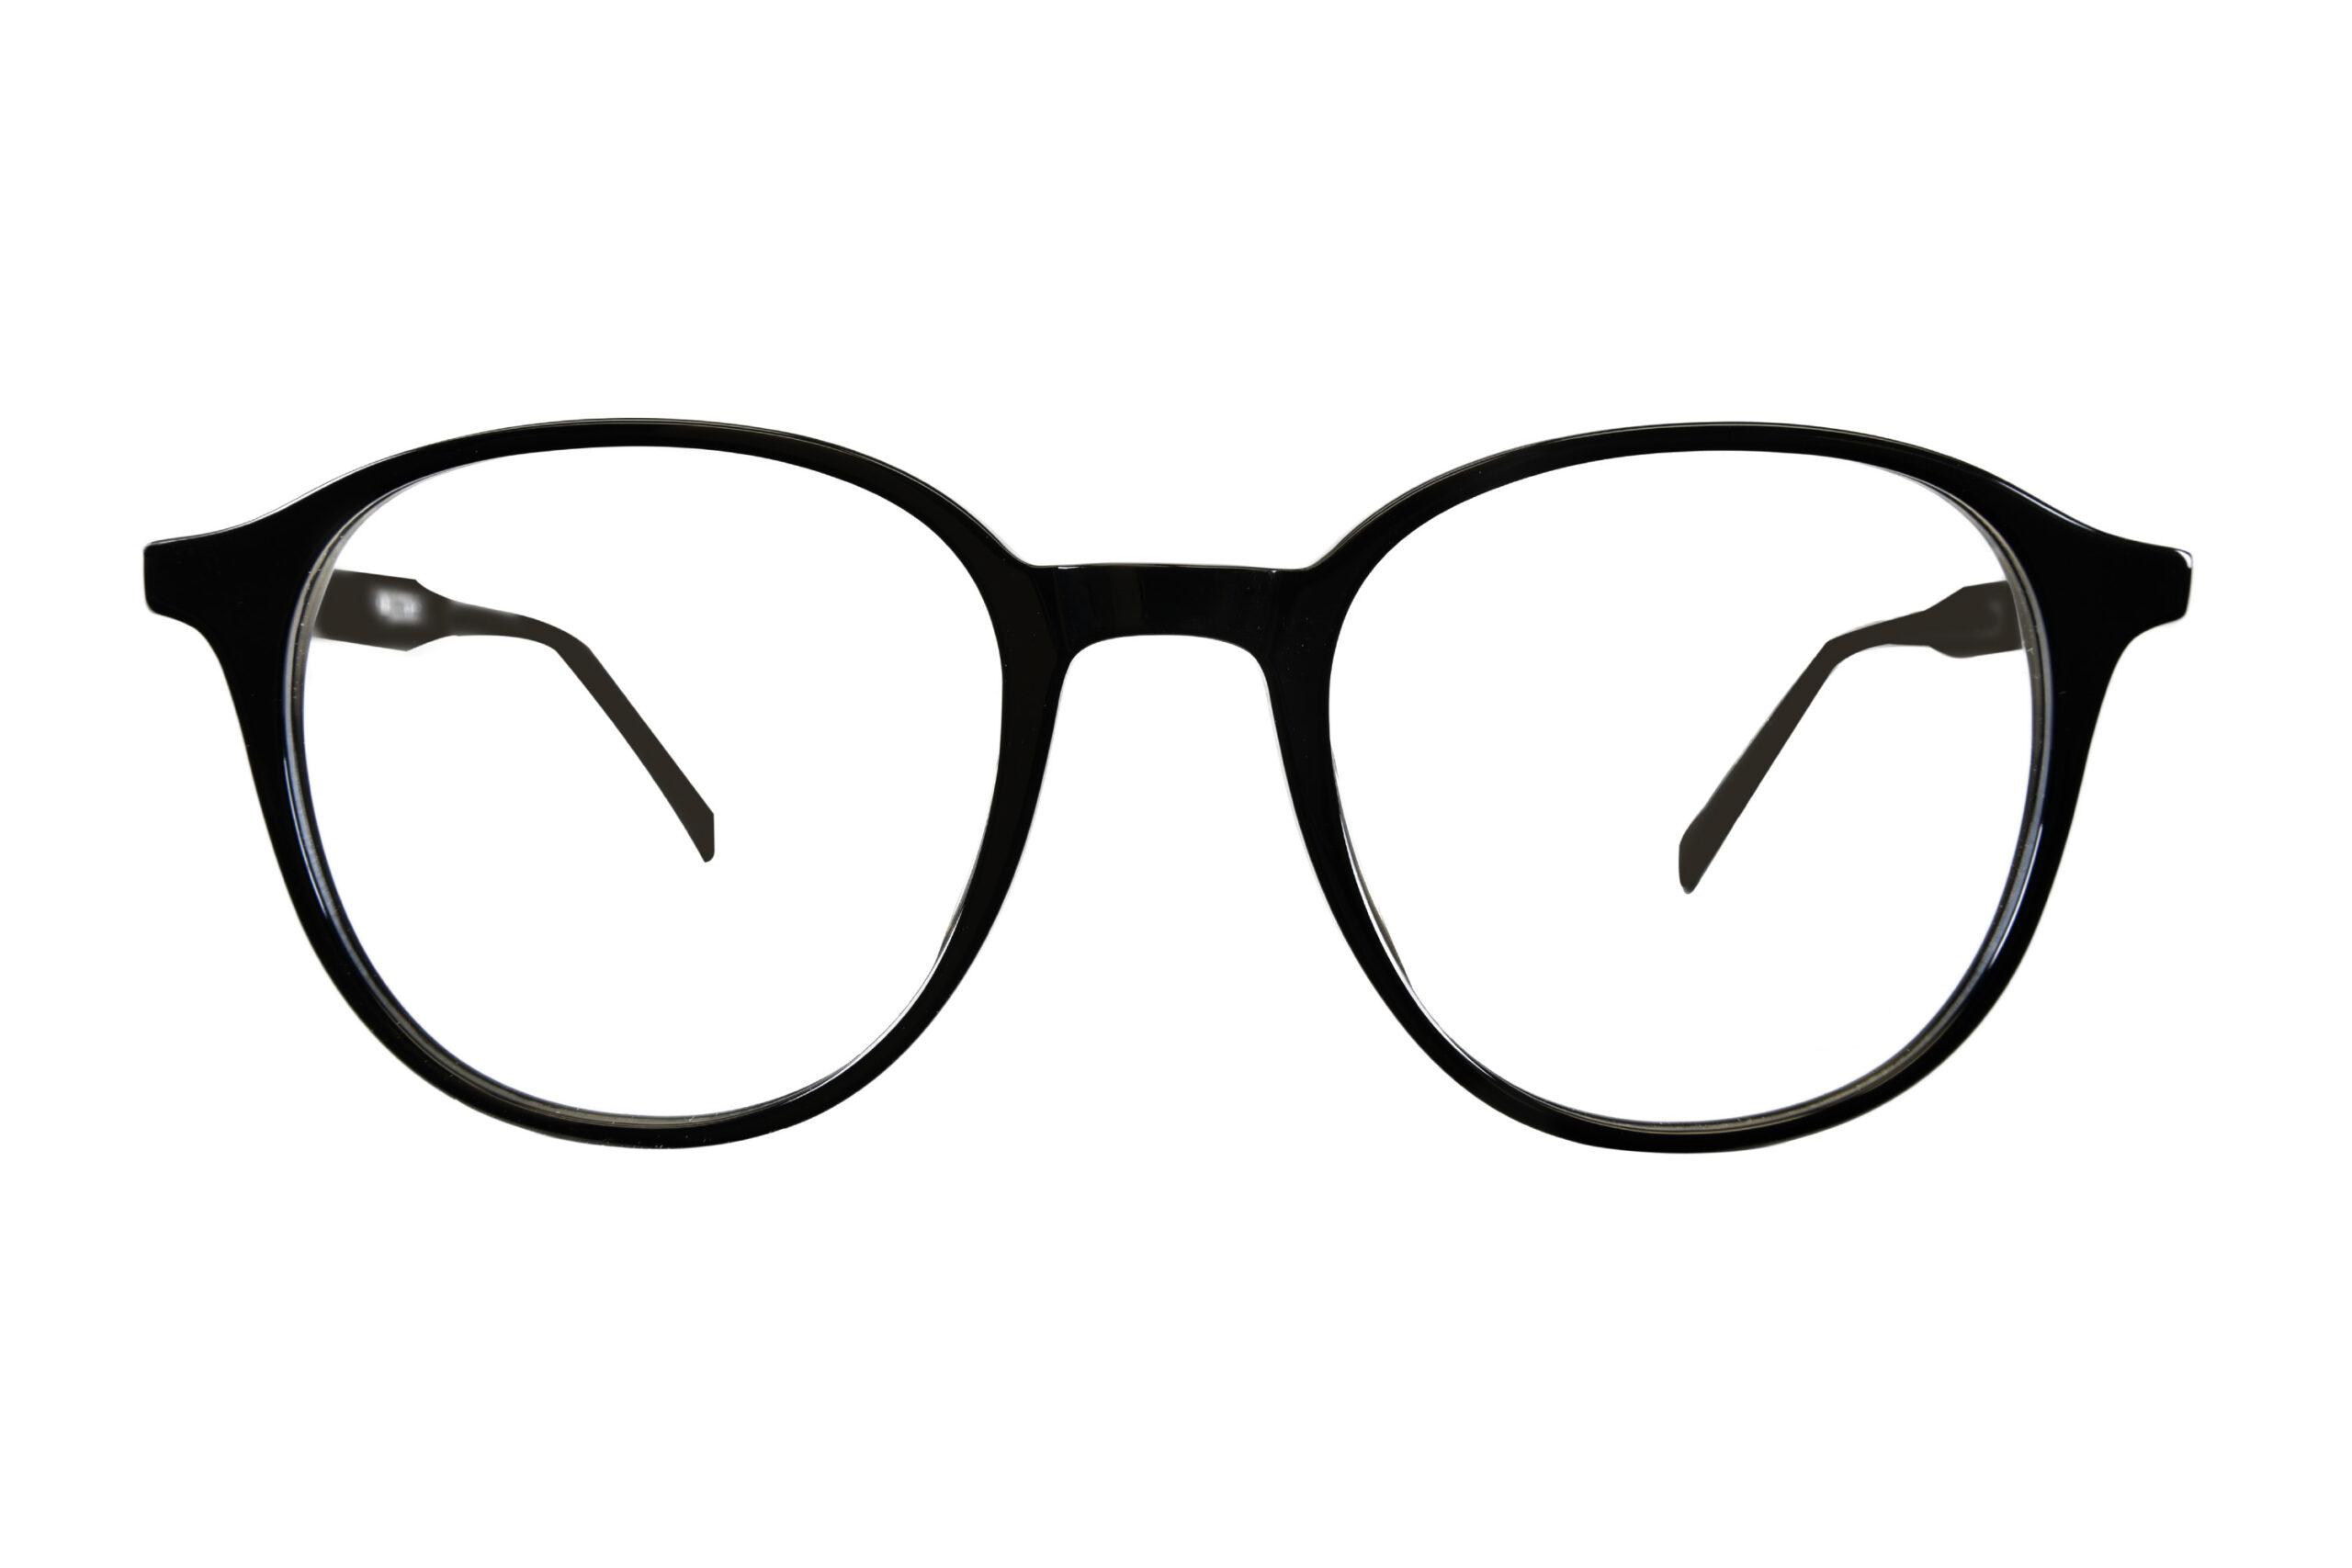 dl111 c.8001 – Black front